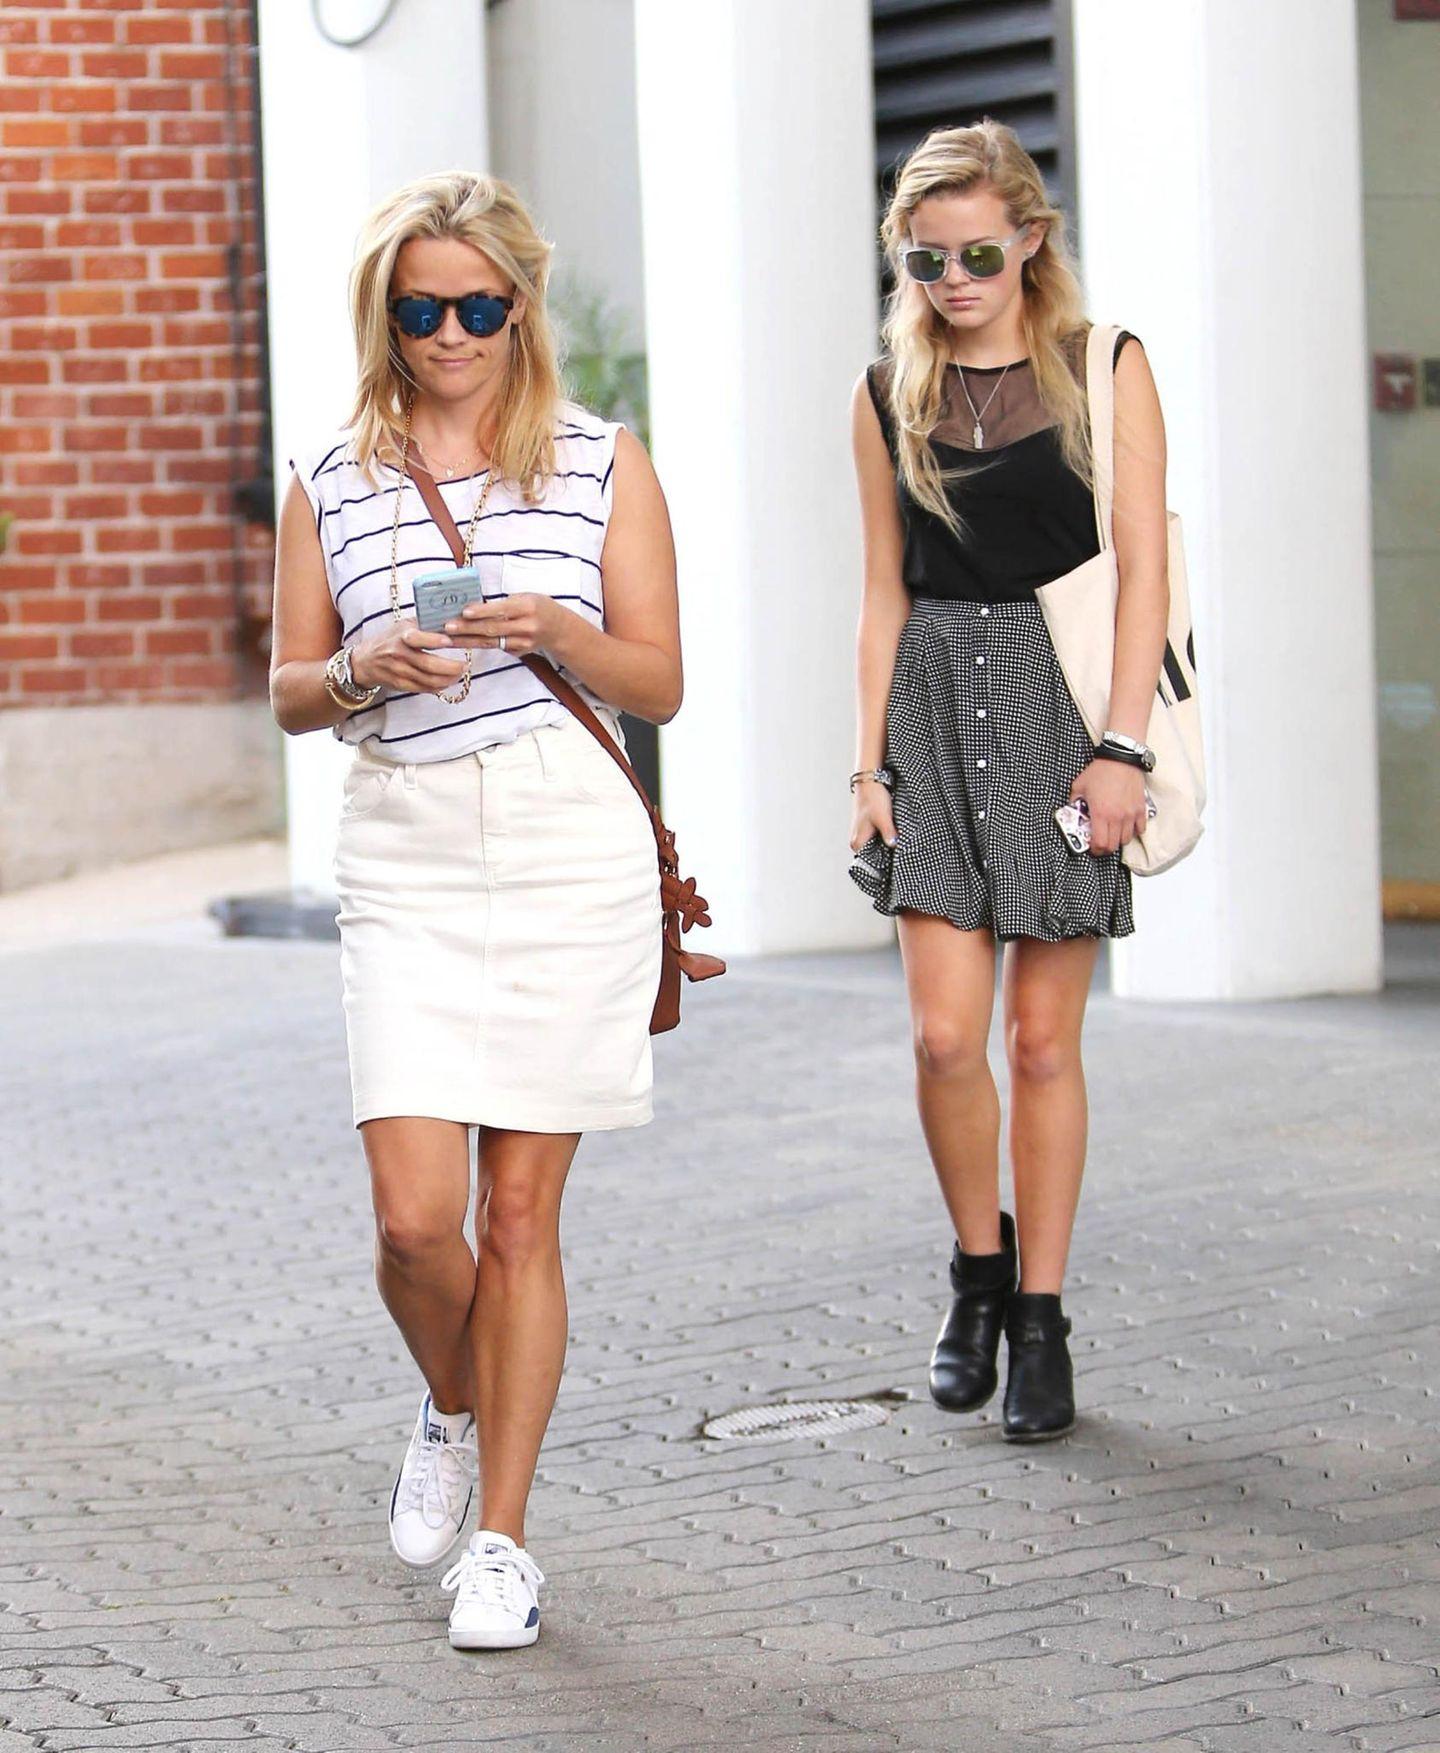 29. Juli 2015: Reese Witherspoon ist mit ihrer Tochter Ava Elizabeth Philippe in Los Angeles unterwegs. Die Ähnlichkeit ist nicht zu übersehen.